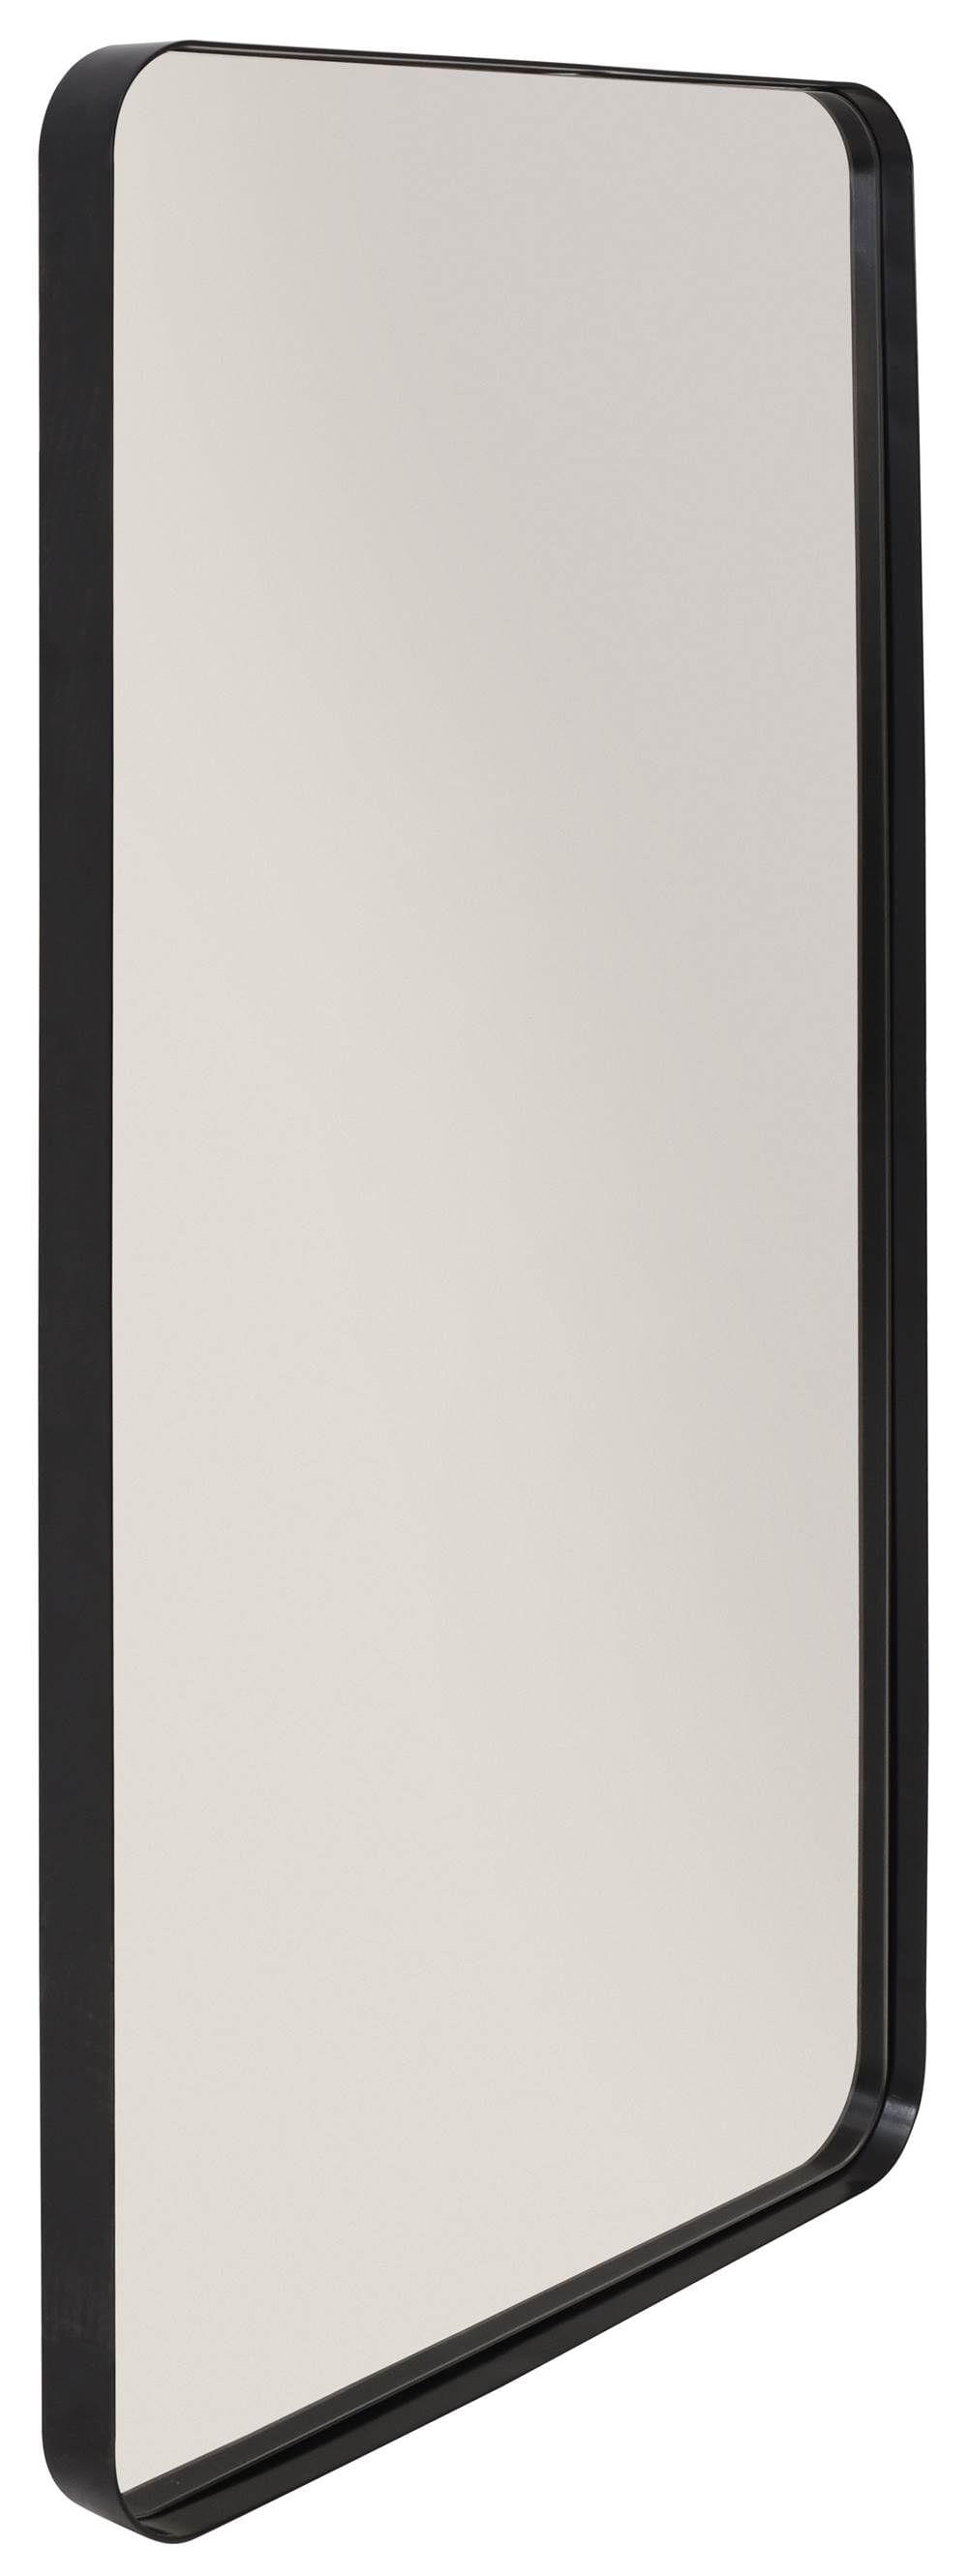 Espelho Retangular Pereque Preto 1,35 MT (ALT) - 41462